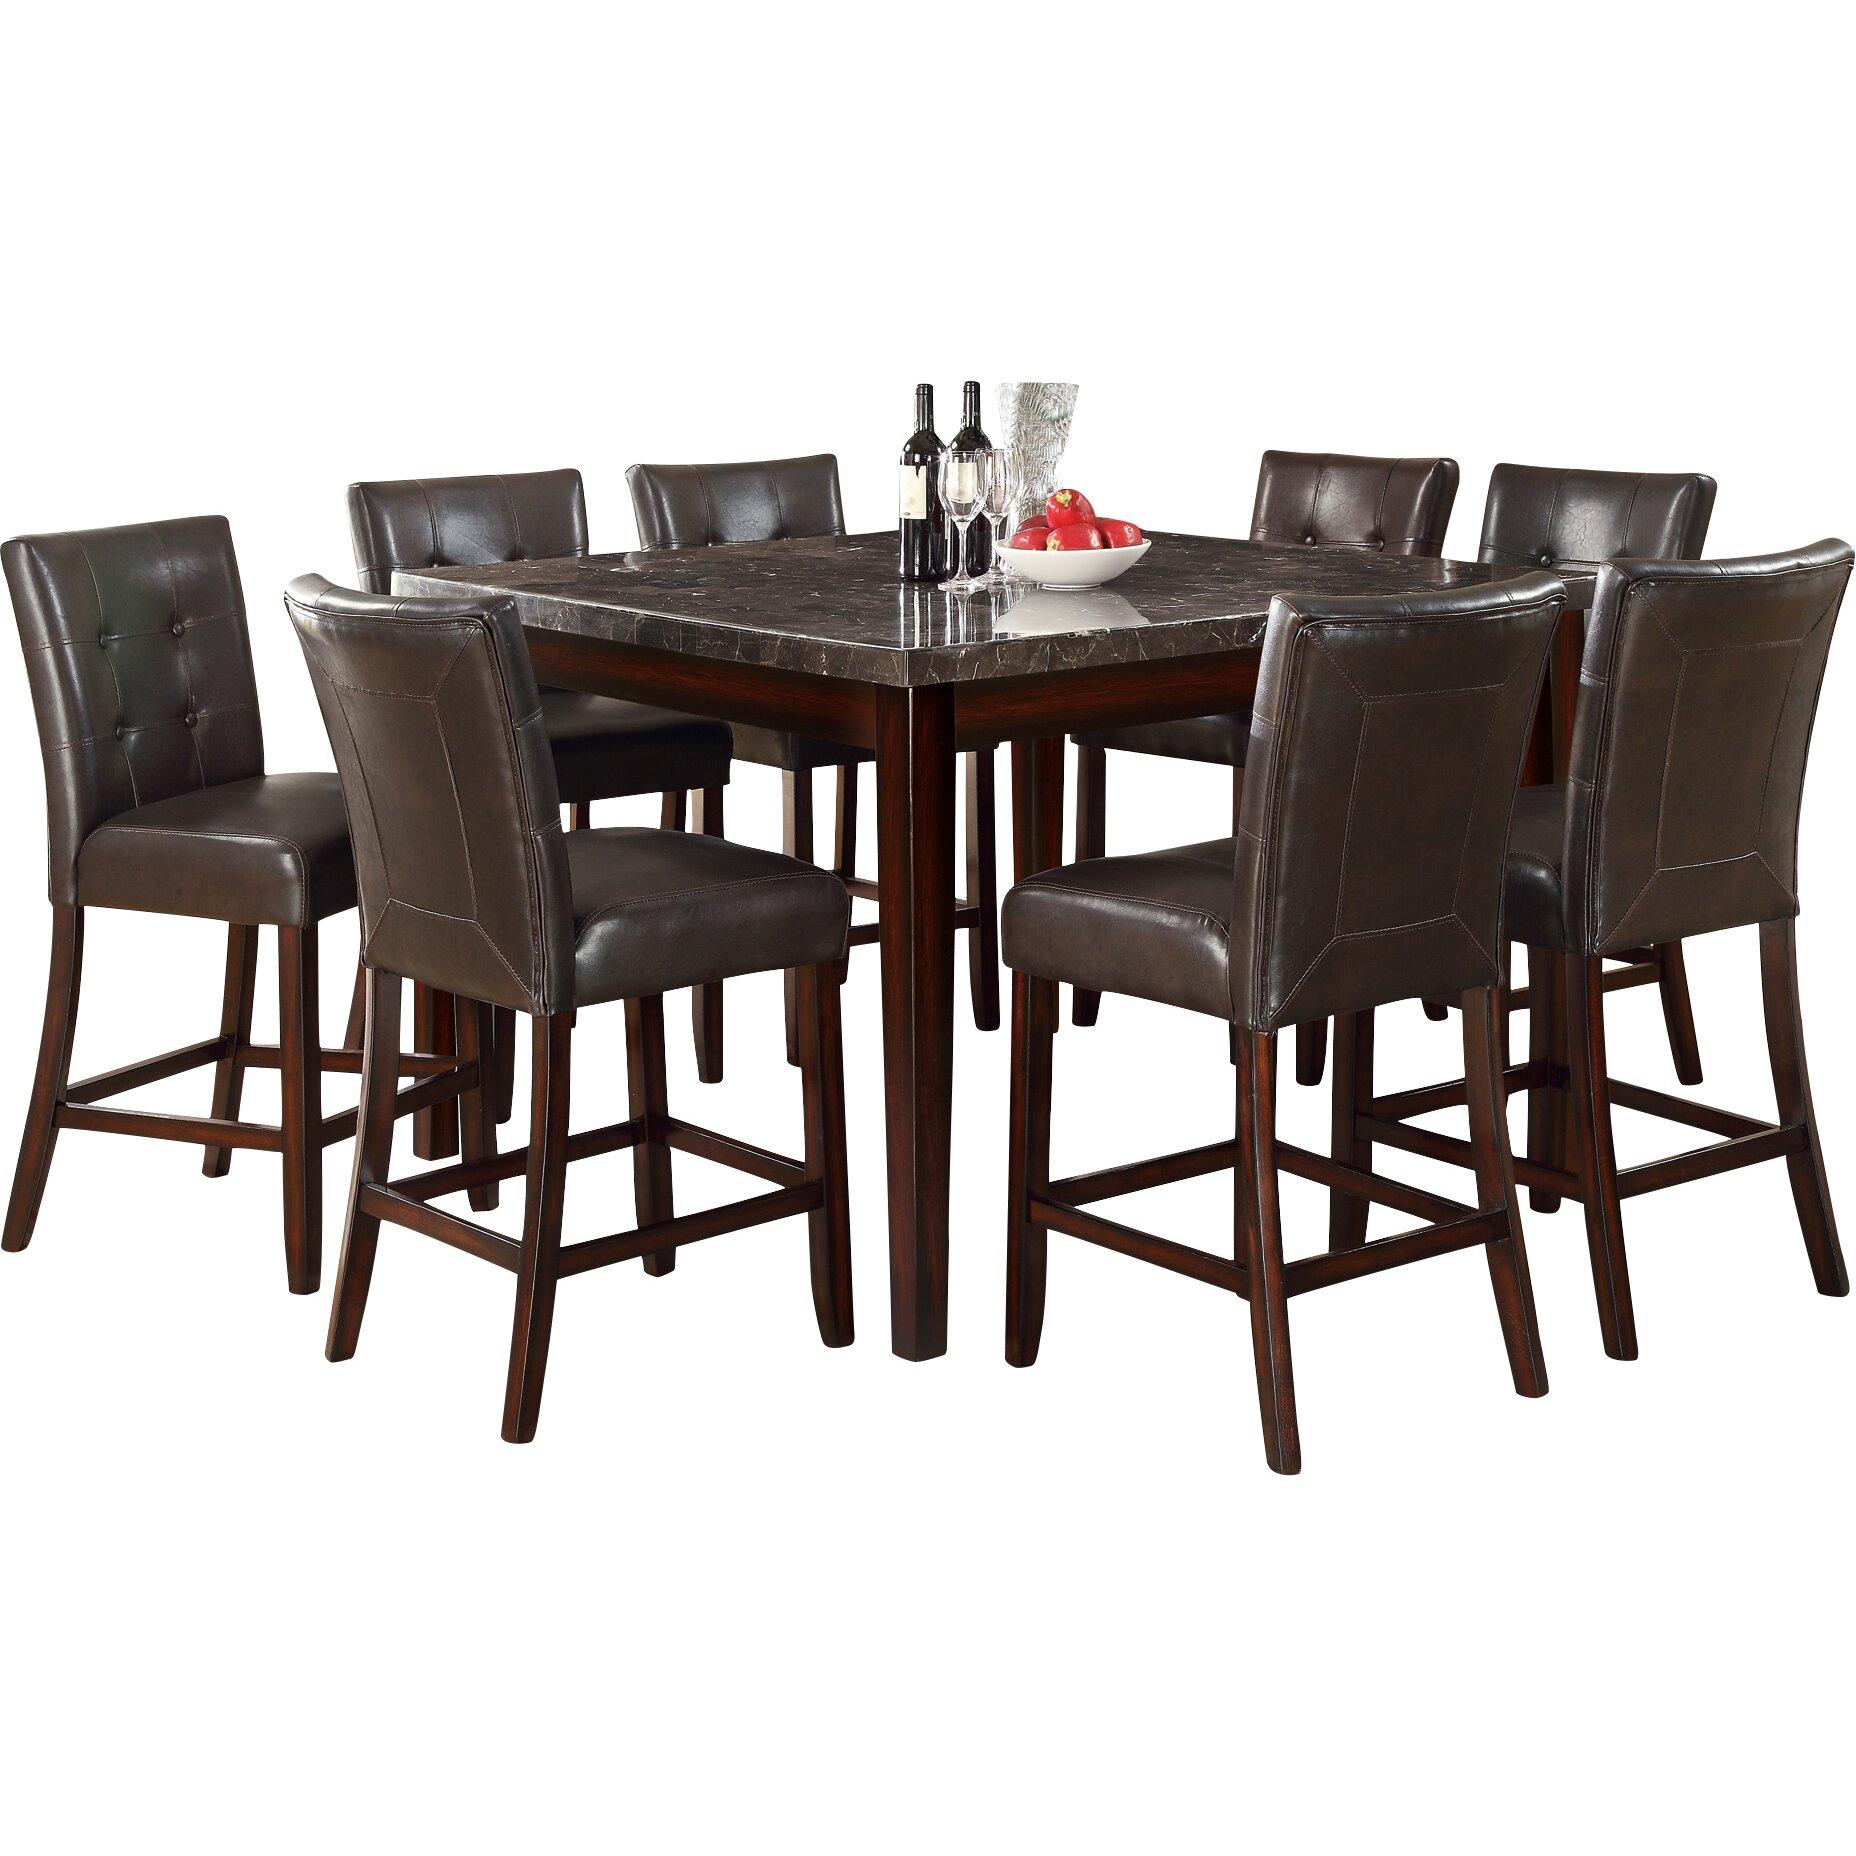 Alcott Hill Cincinnati Counter Height Dining Table & Reviews   Wayfair